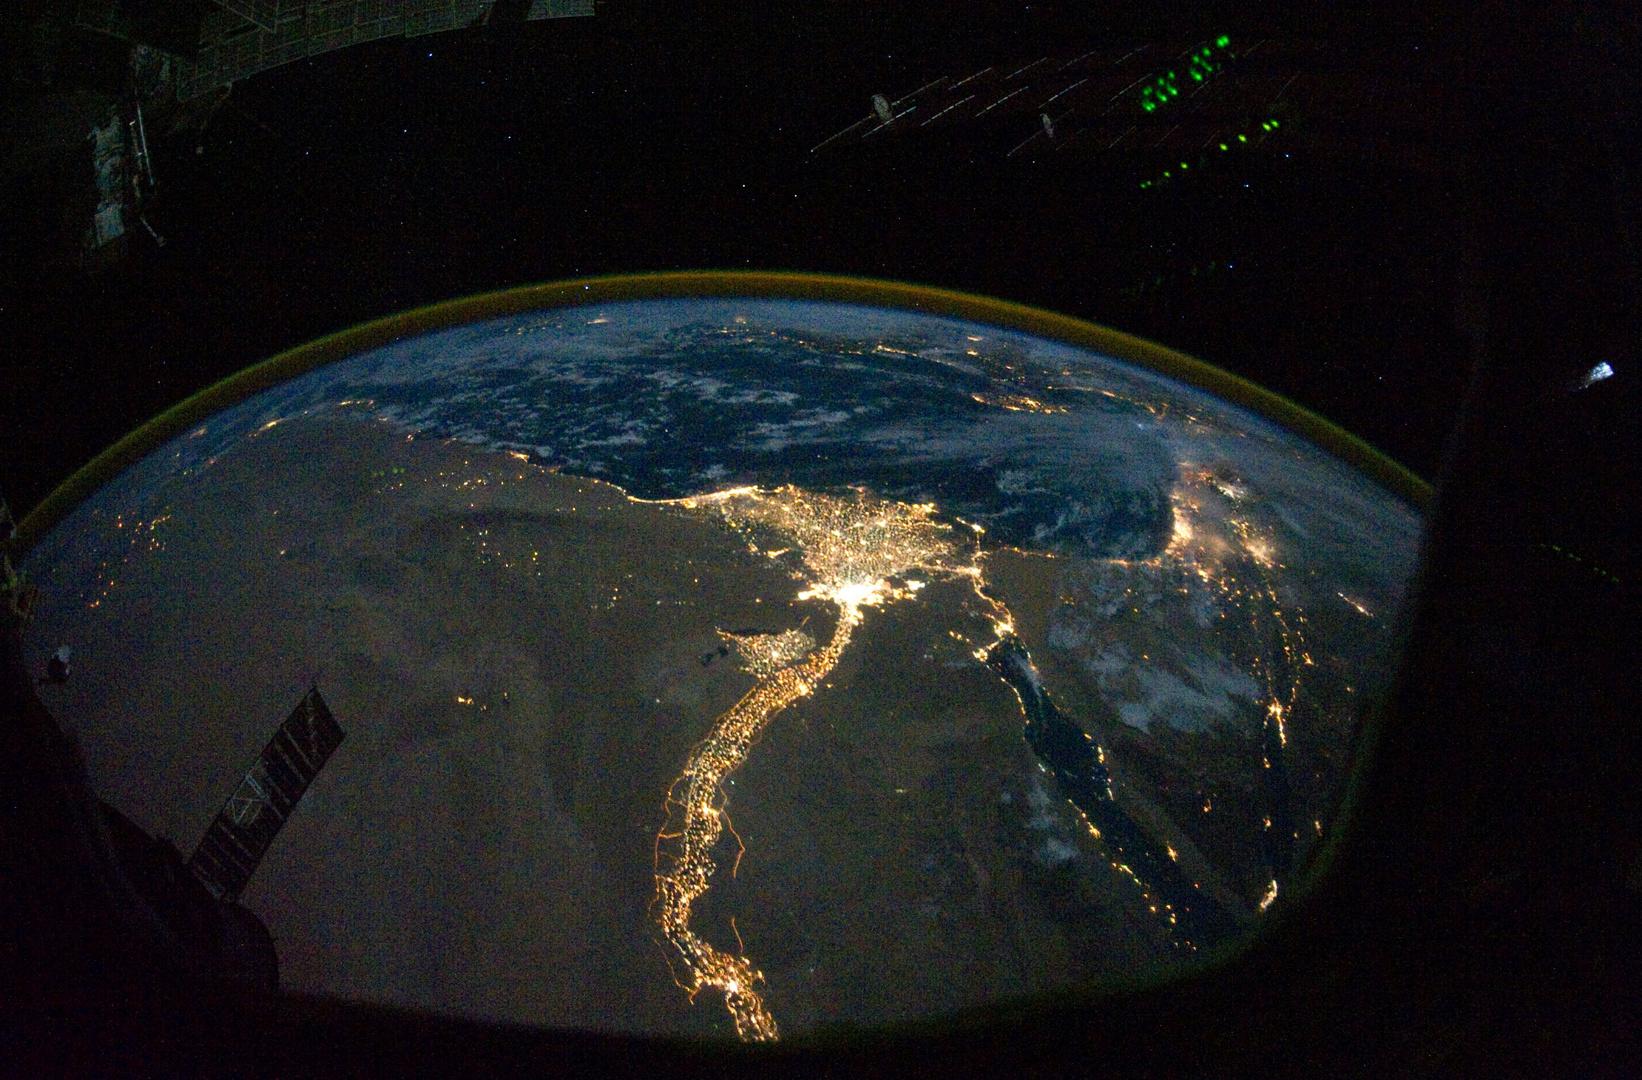 مصر.. رئيس هيئة السد العالي يكشف قدرة البنية على مواجهة فيضان الهضبة الإثيوبية